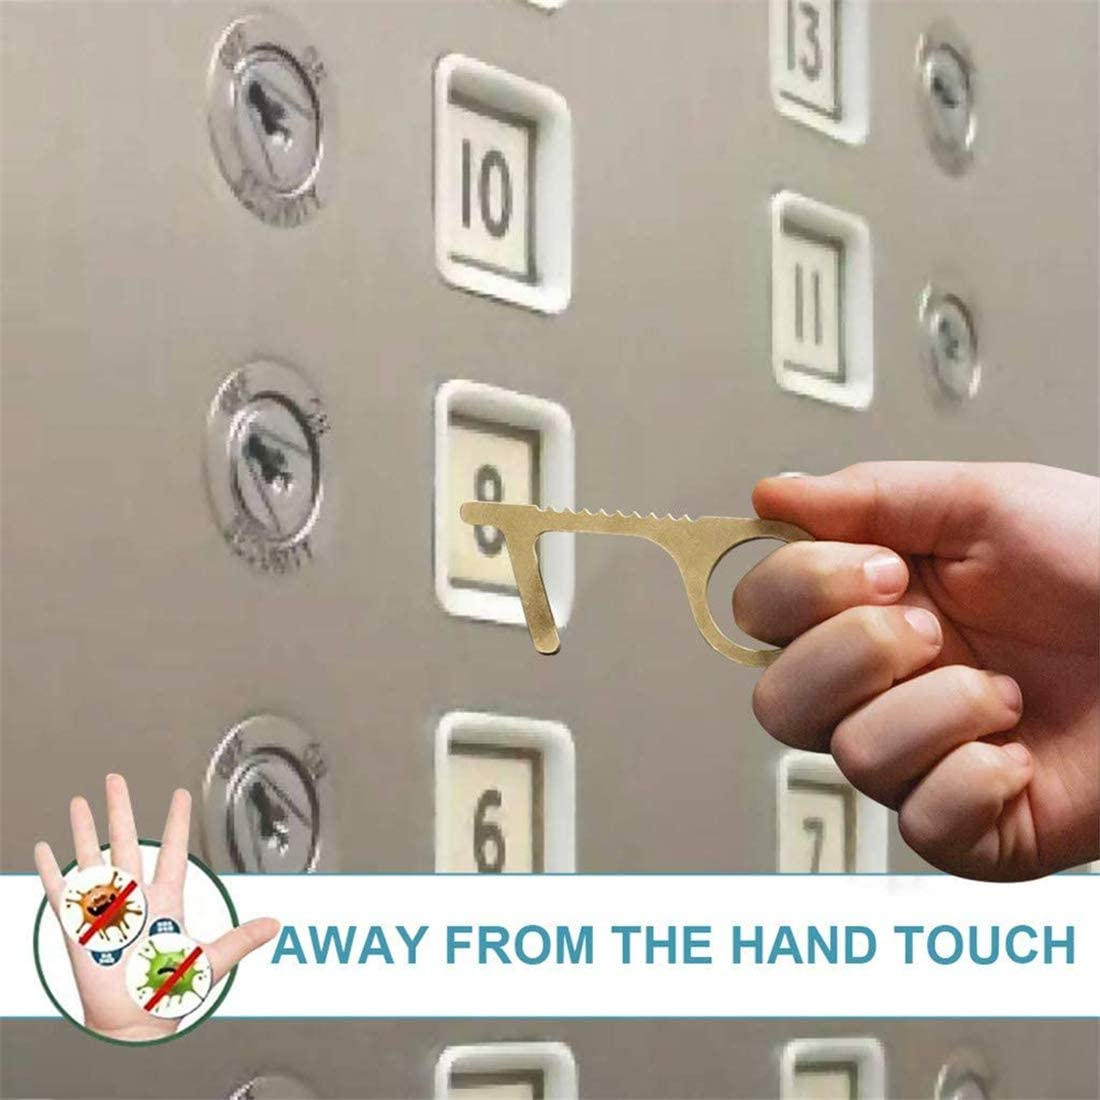 cl/é propre sans contact r/éutilisable Alittle Ouvre-porte de s/écurit/é sans contact linterrupteur /à bouton-poussoir dascenseur et la poign/ée de porte , 3 ensembles utilis/é pour la maison